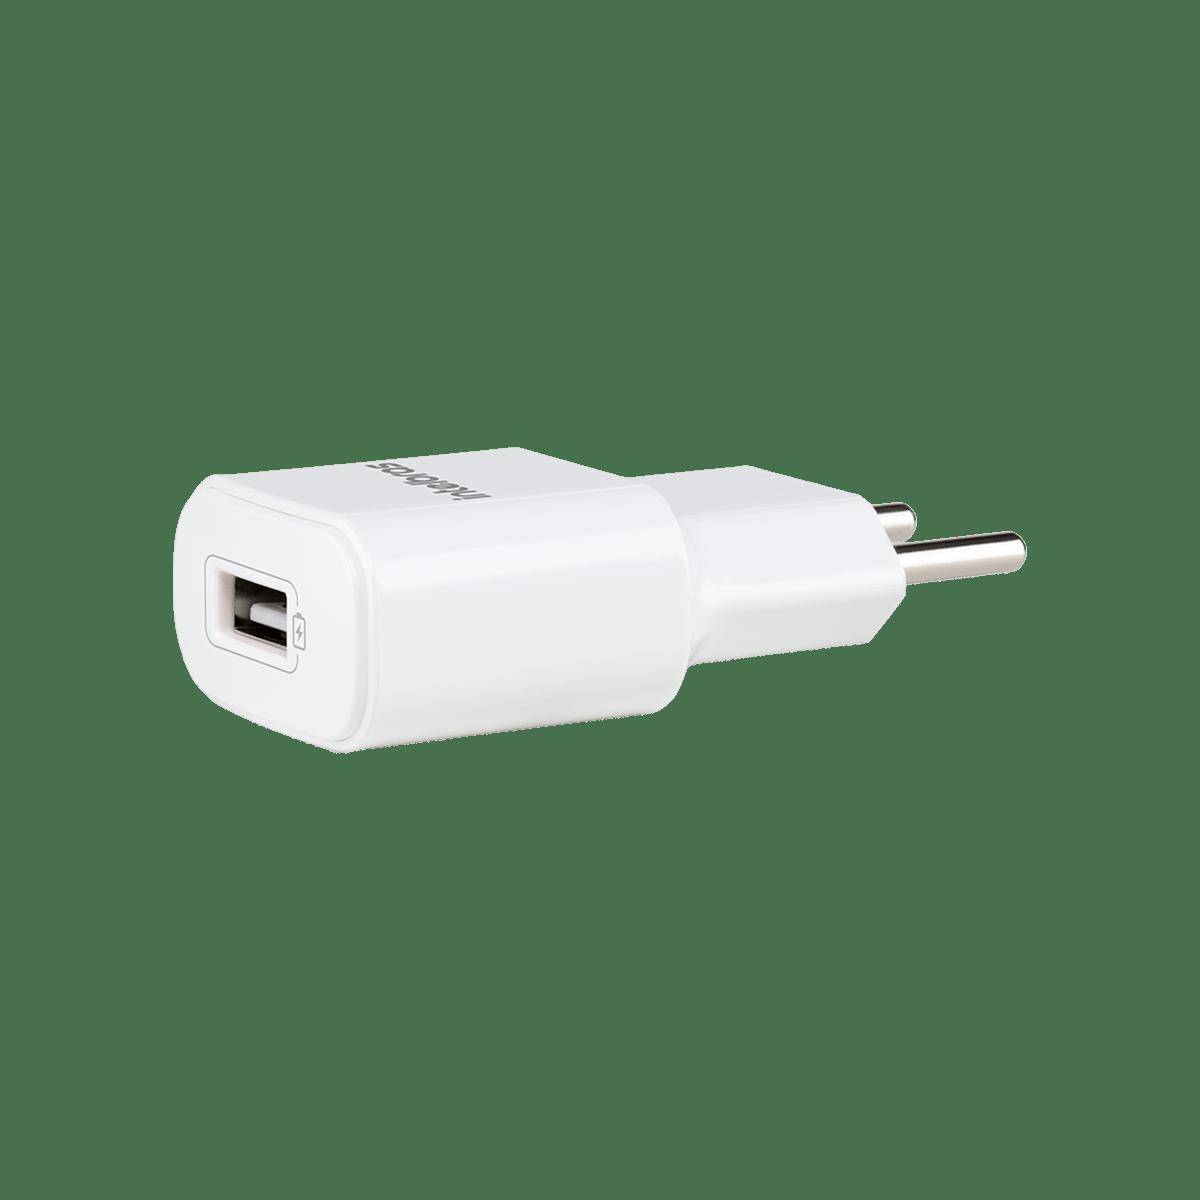 Carregador USB Intelbras EC1  Fast Branco